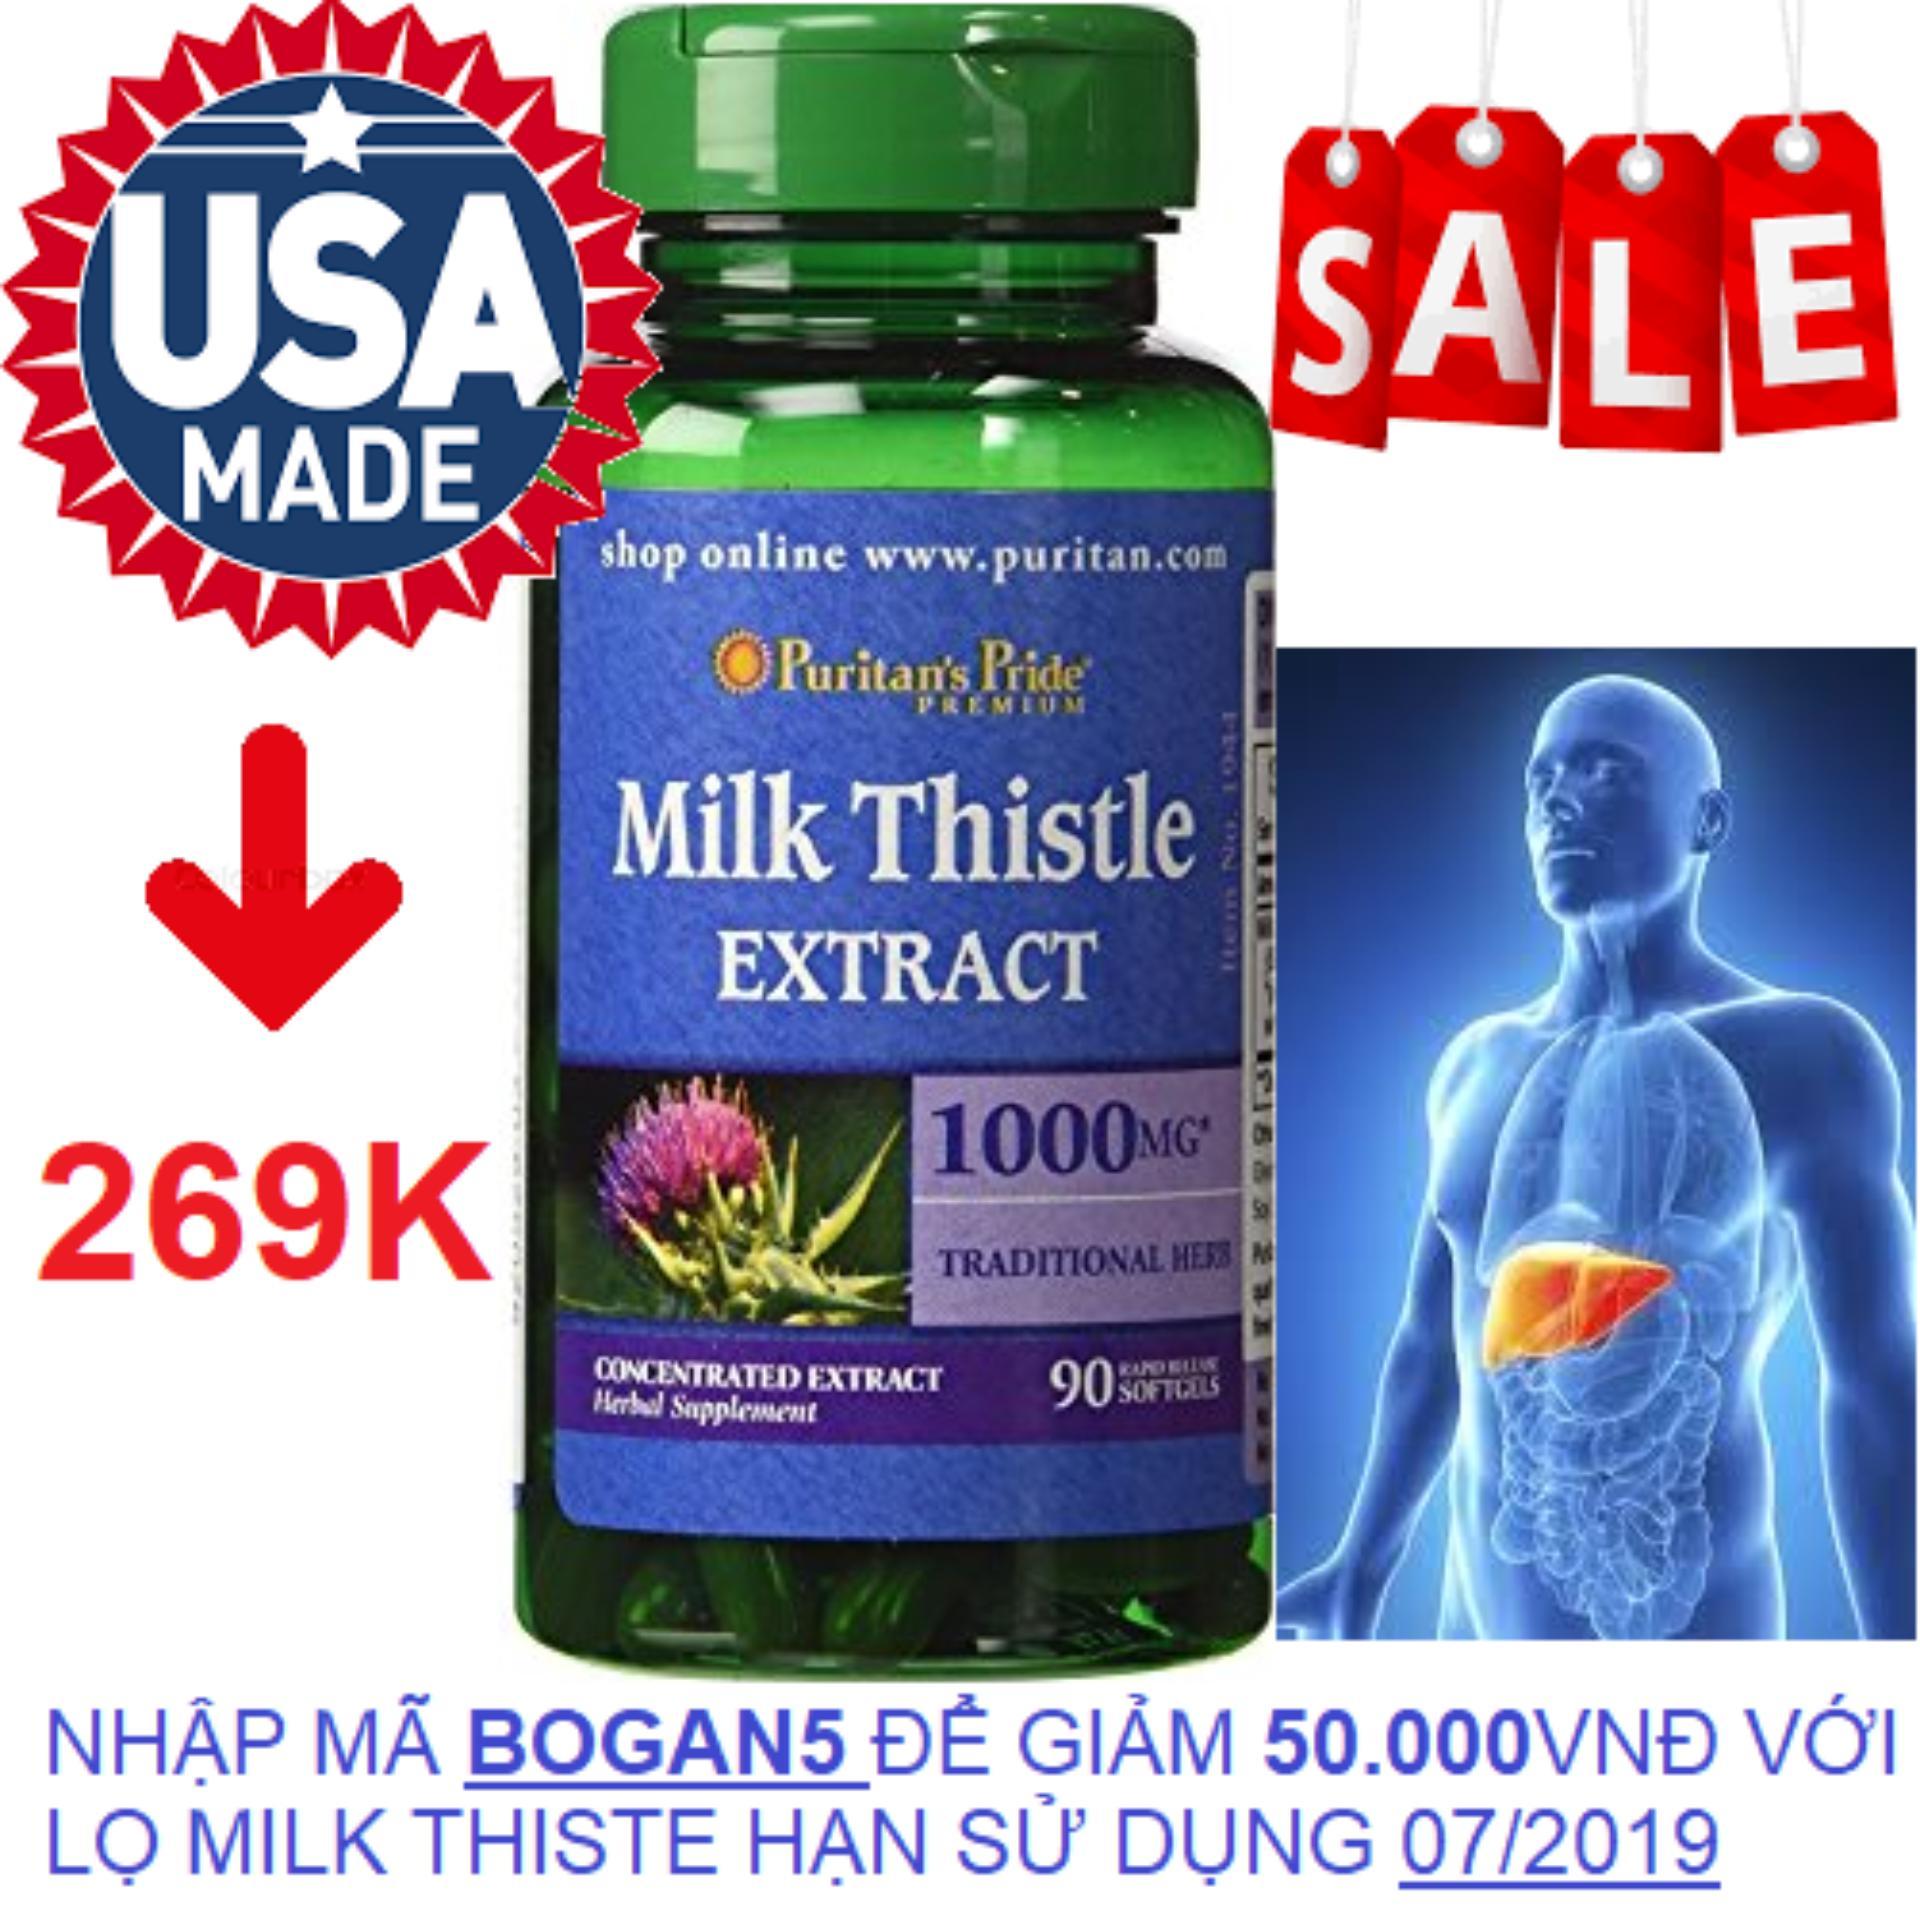 Viên uống bổ gan, giải độc gan, tăng cường chức năng gan Puritans Pride Milk Thistle Extract 1000mg 90 viên HSD tháng 7/2019